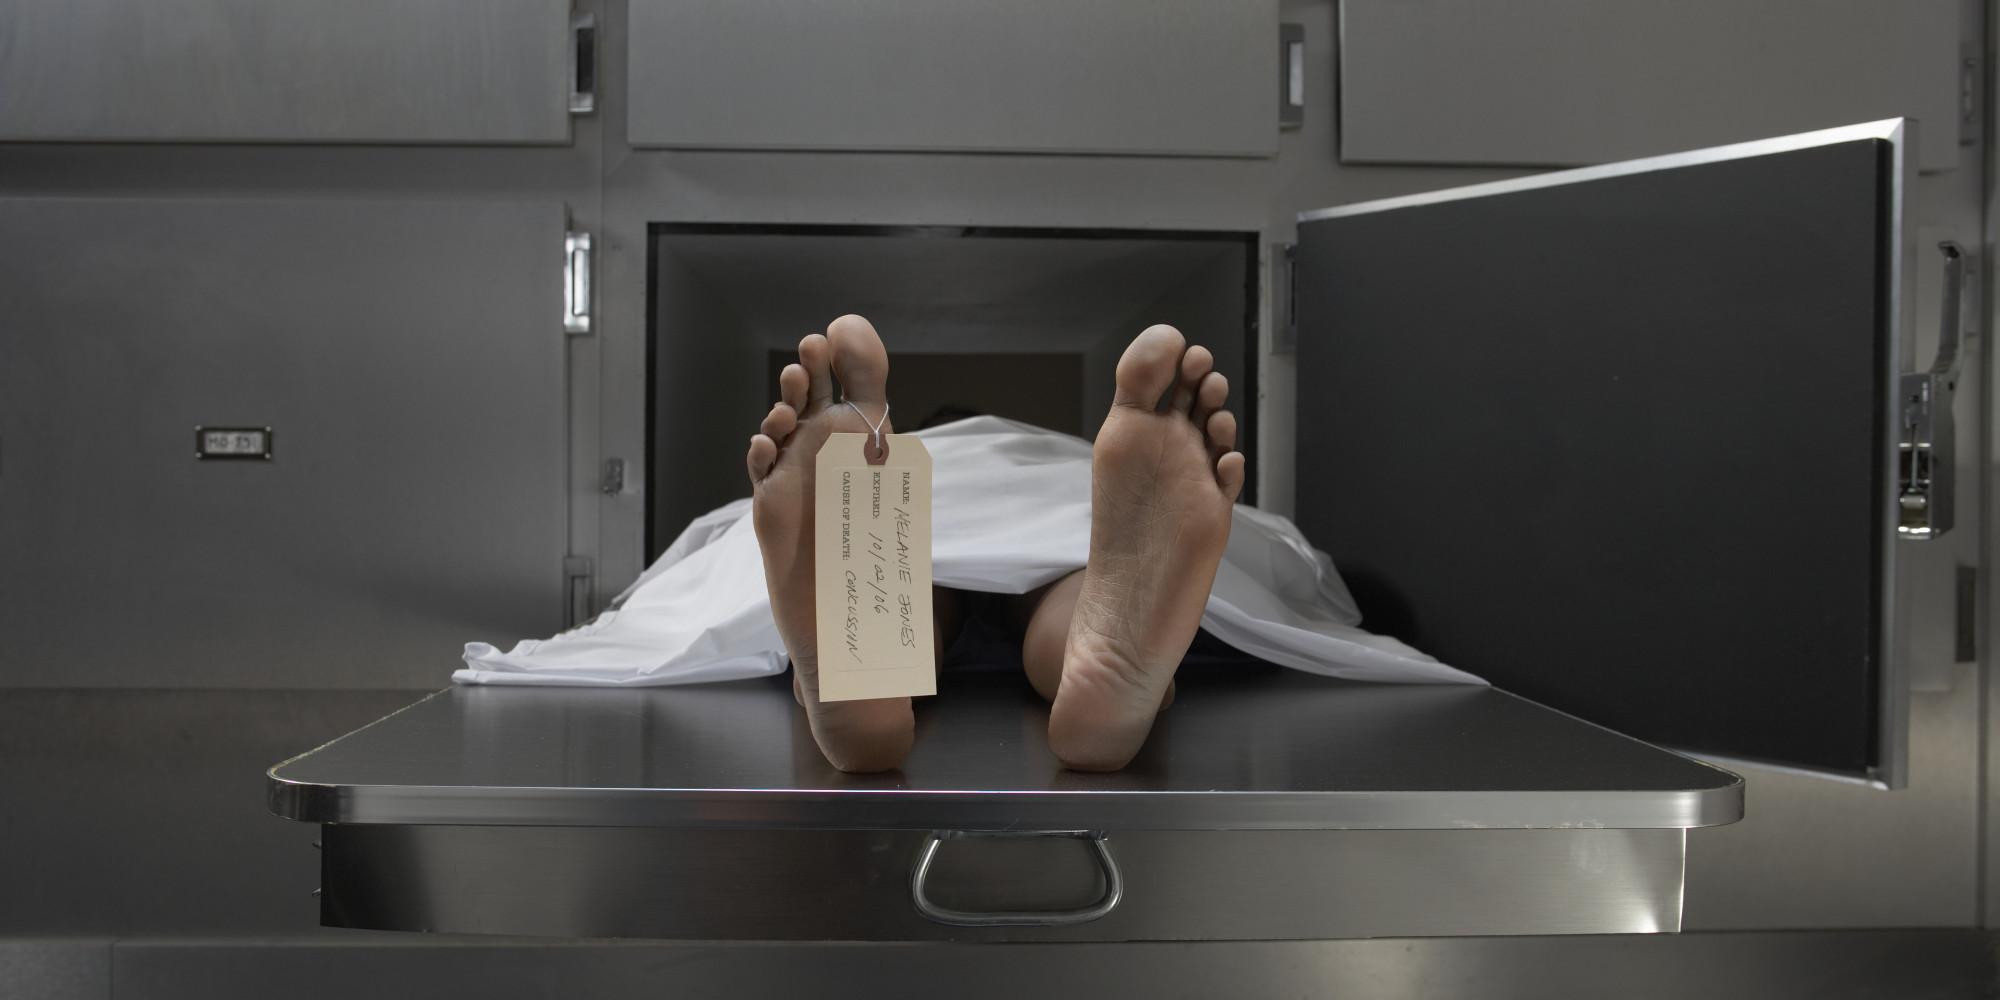 Rüyada Hastanede Tanıdık Birinin Öldüğünü Görmek